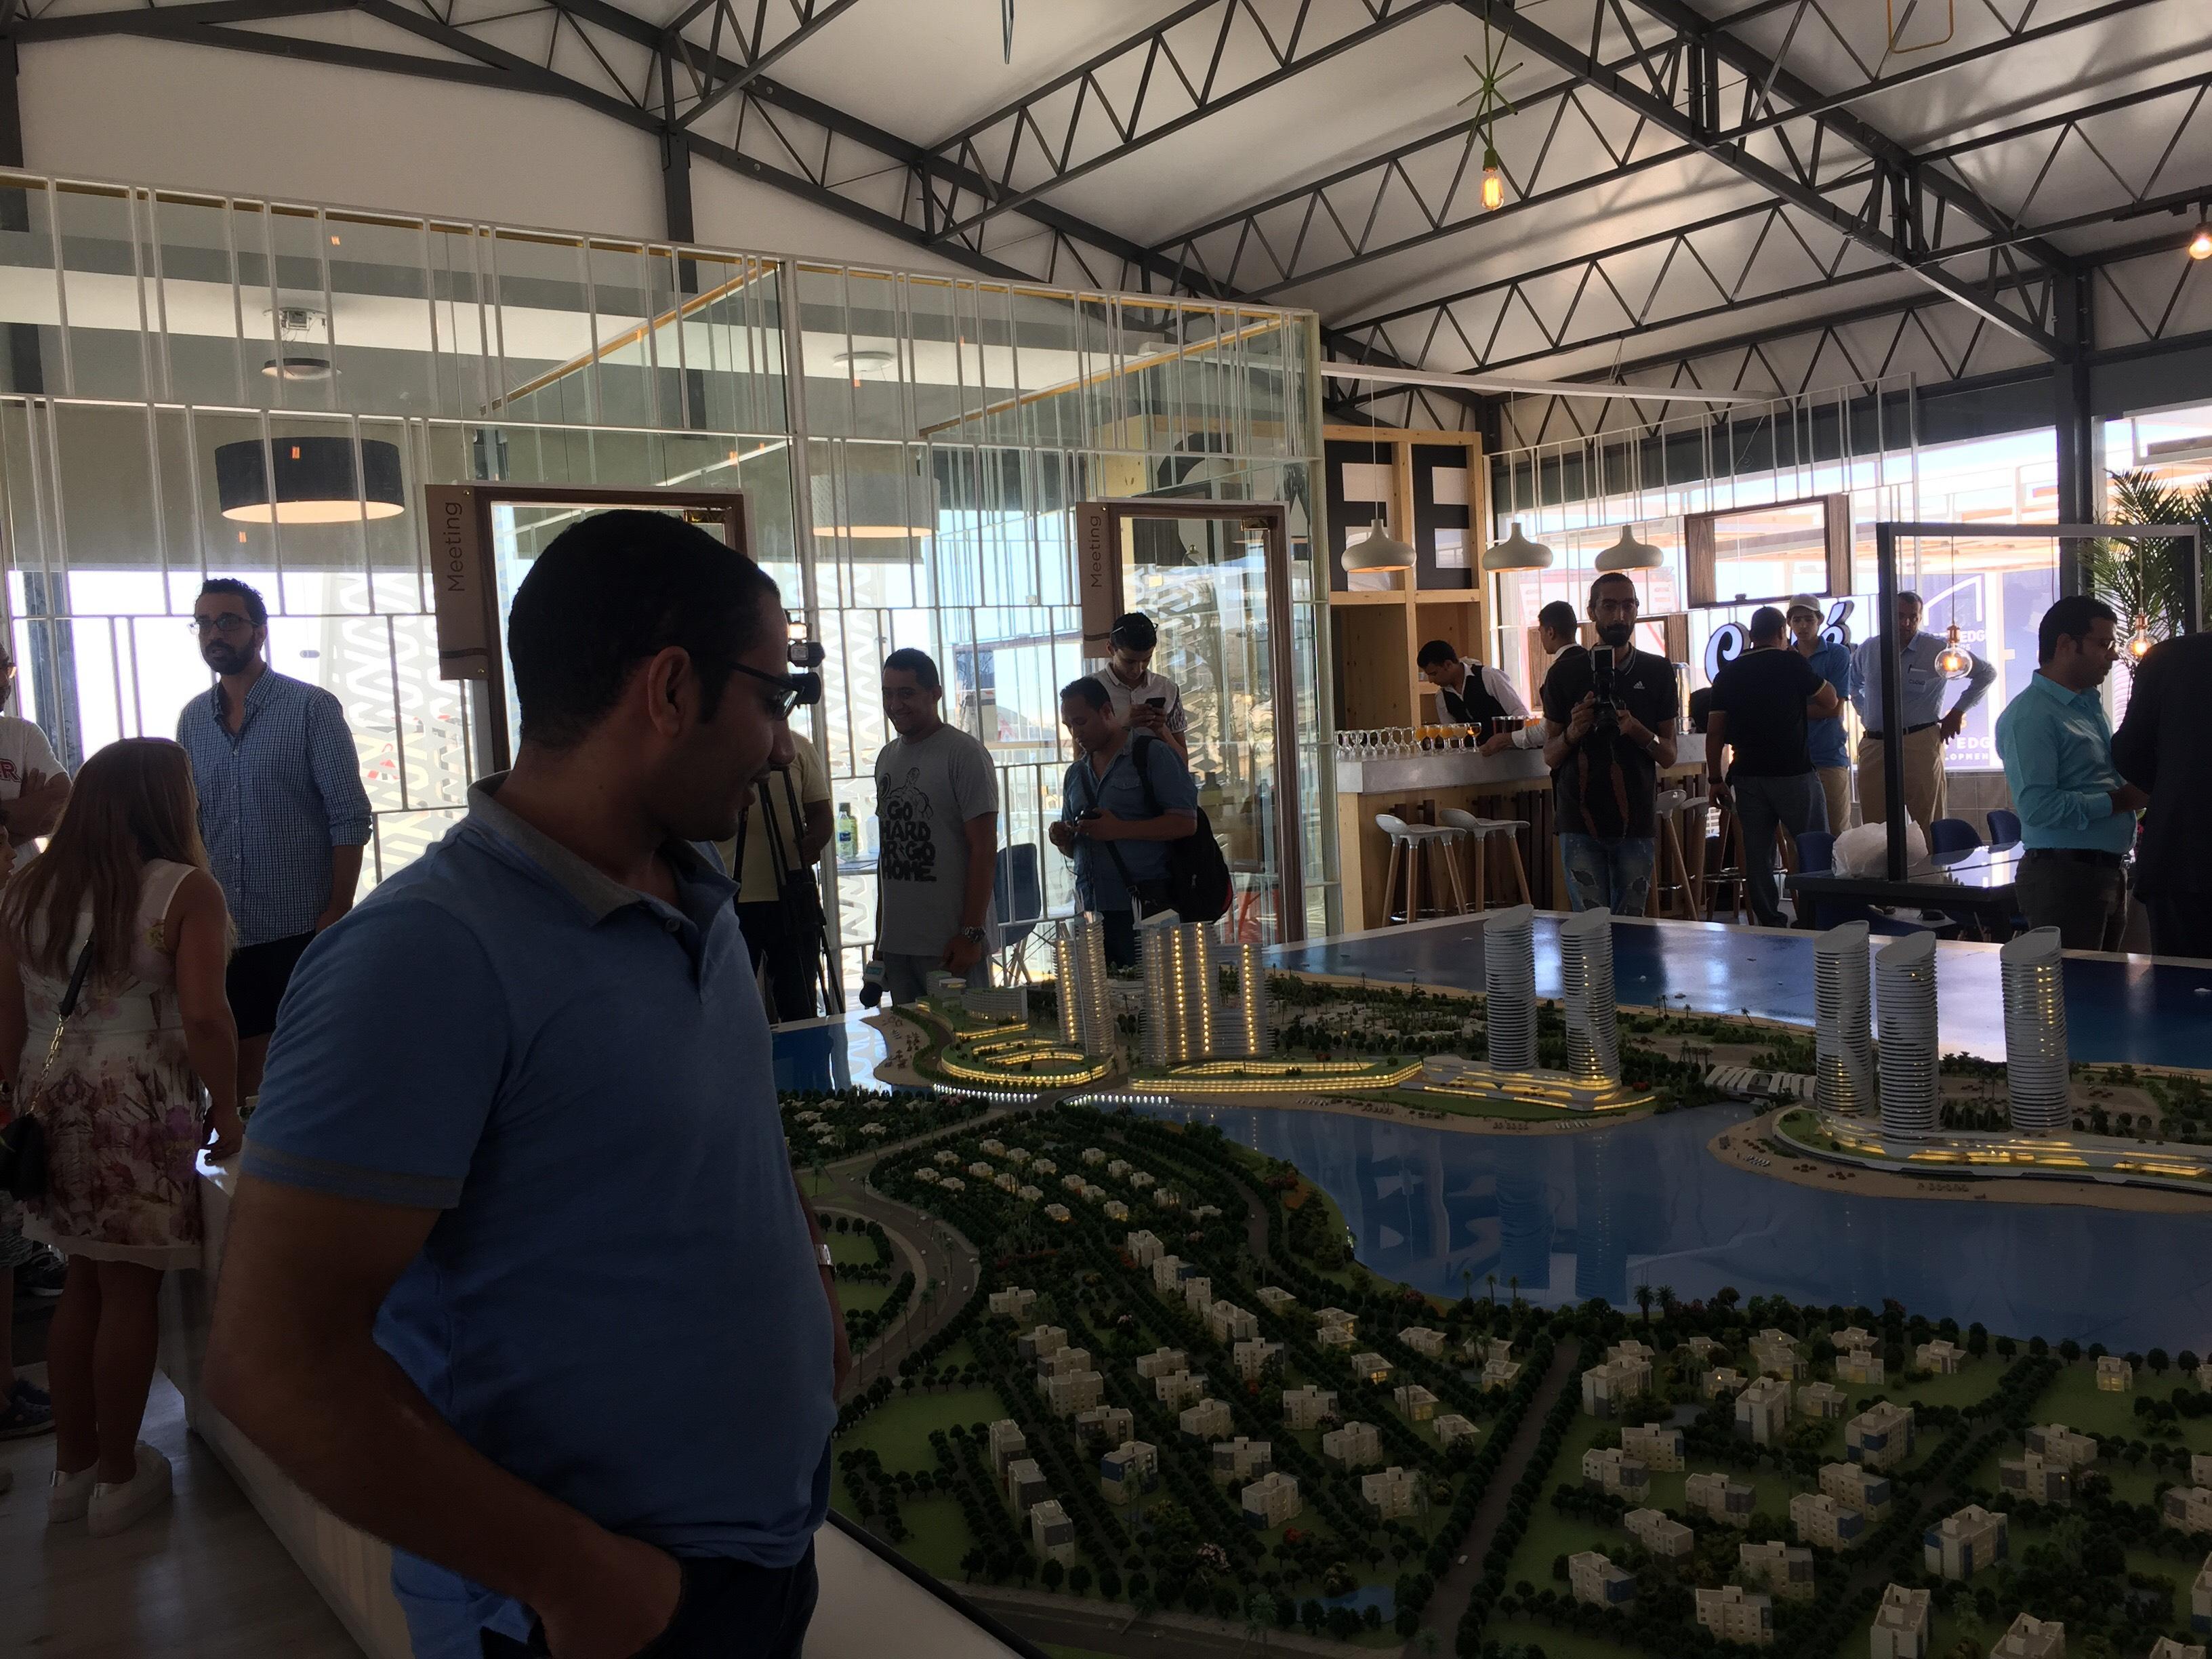 مؤتمر للاعلان عن تفاصيل تسويق ابراج مدينة العلمين الجديدة (6)